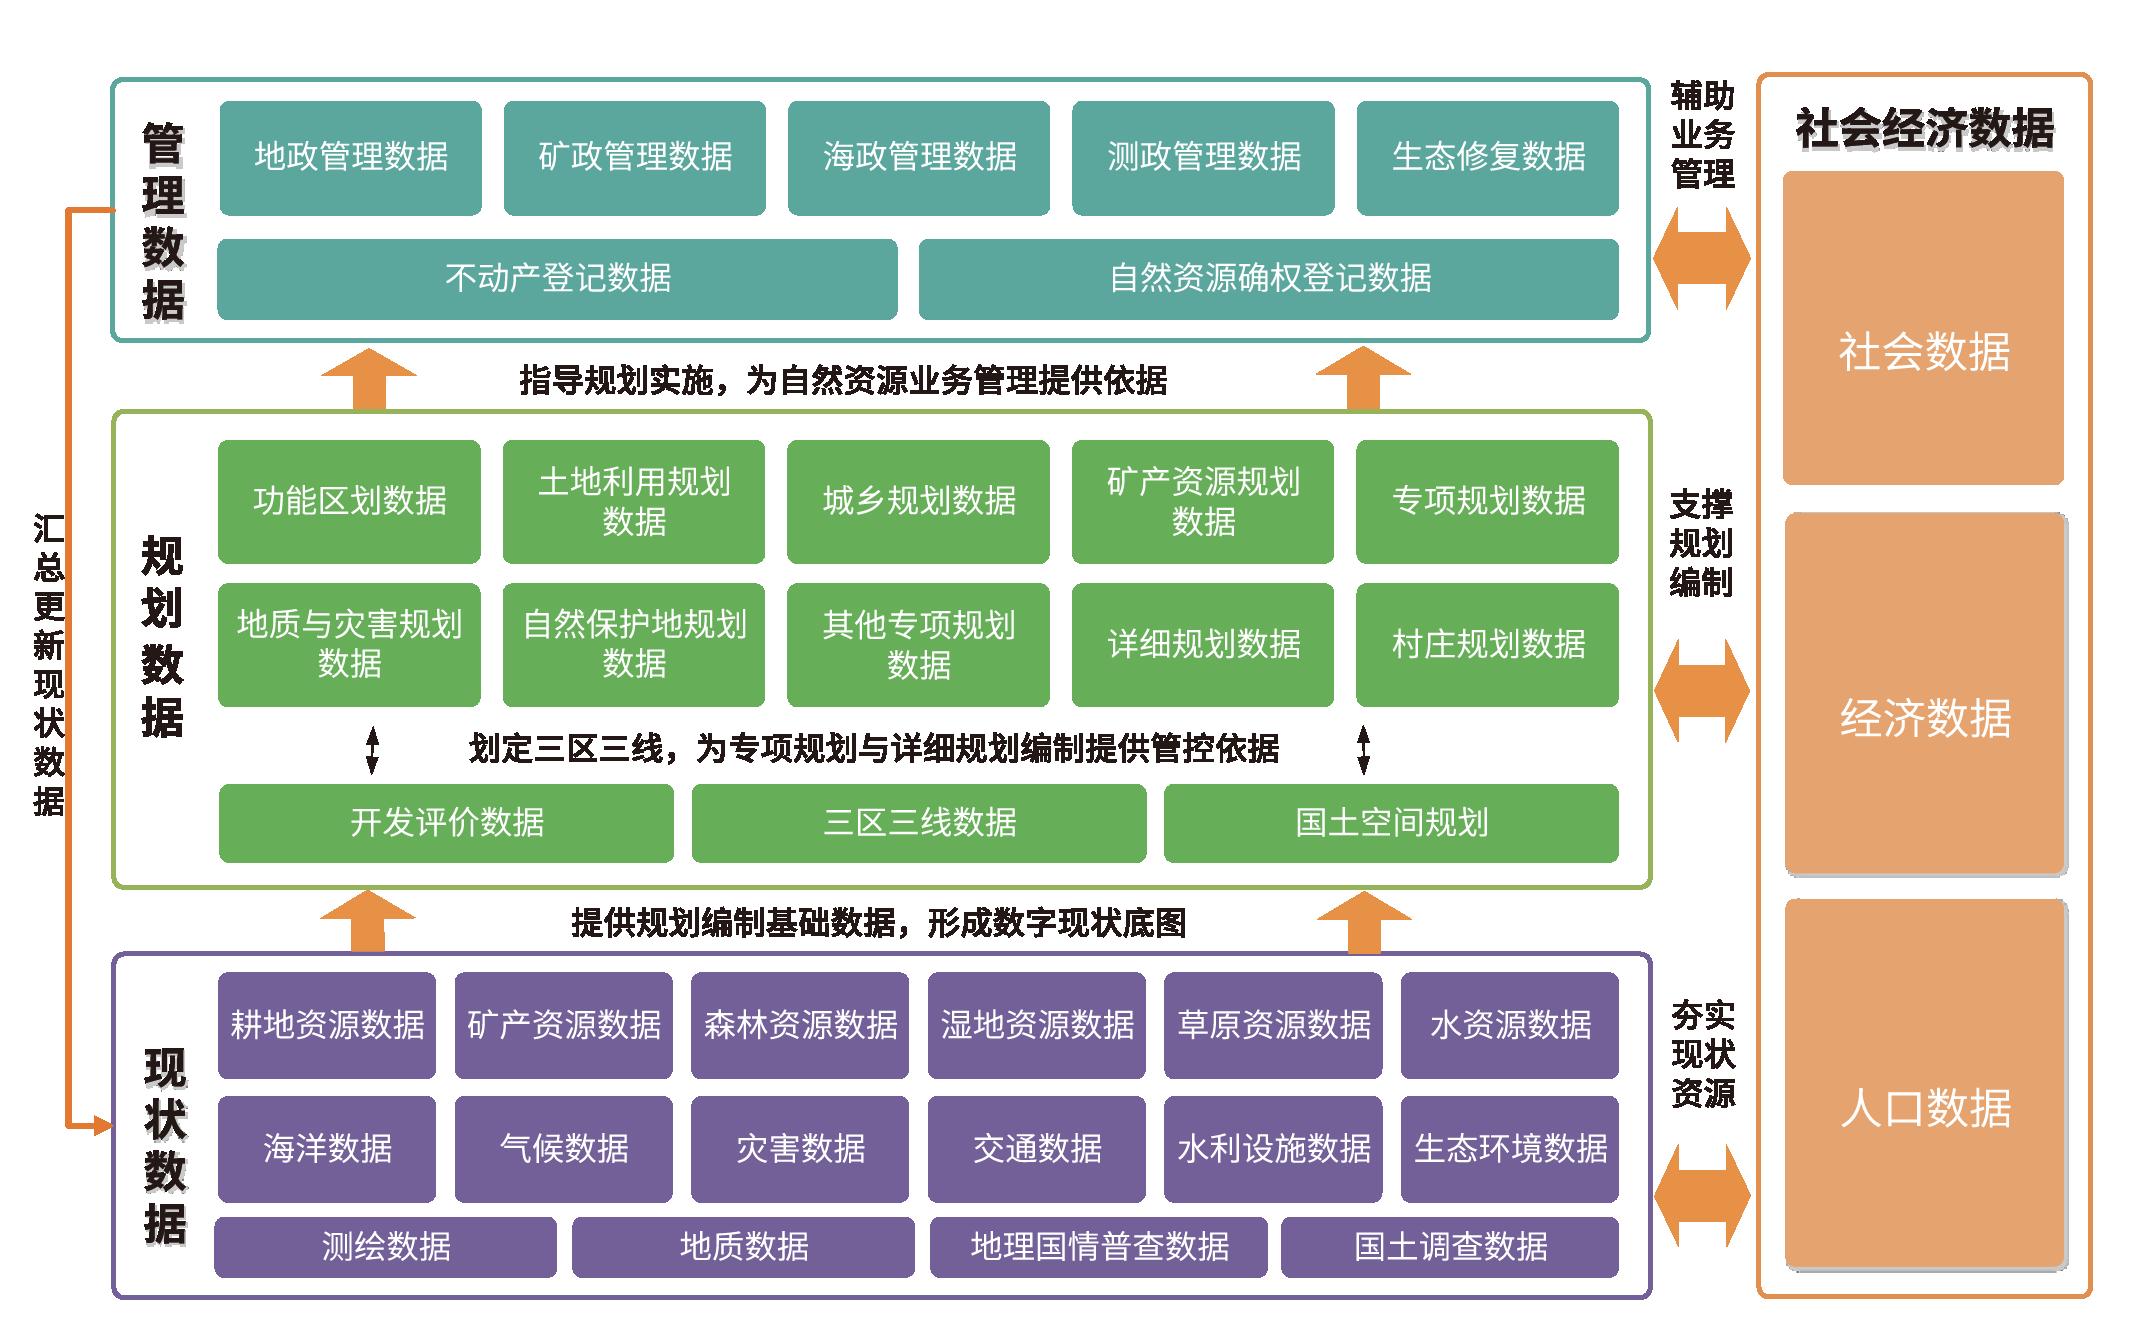 武大吉奥国土空间规划监测评估预警管理系统解决方案-网站版图-3